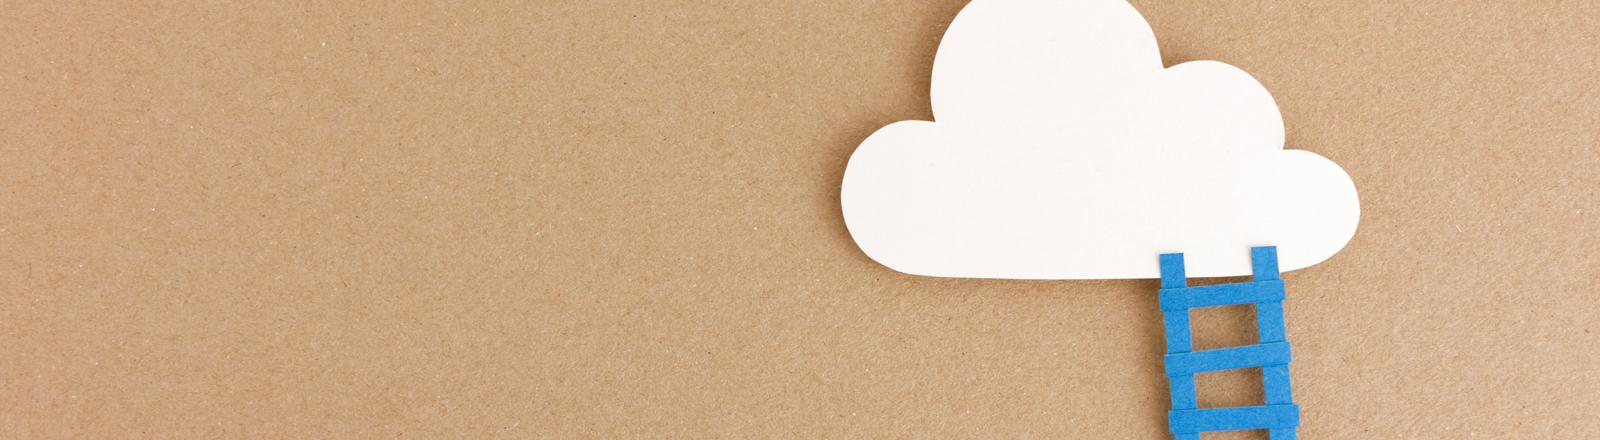 Wolke und Leiter aus Karton